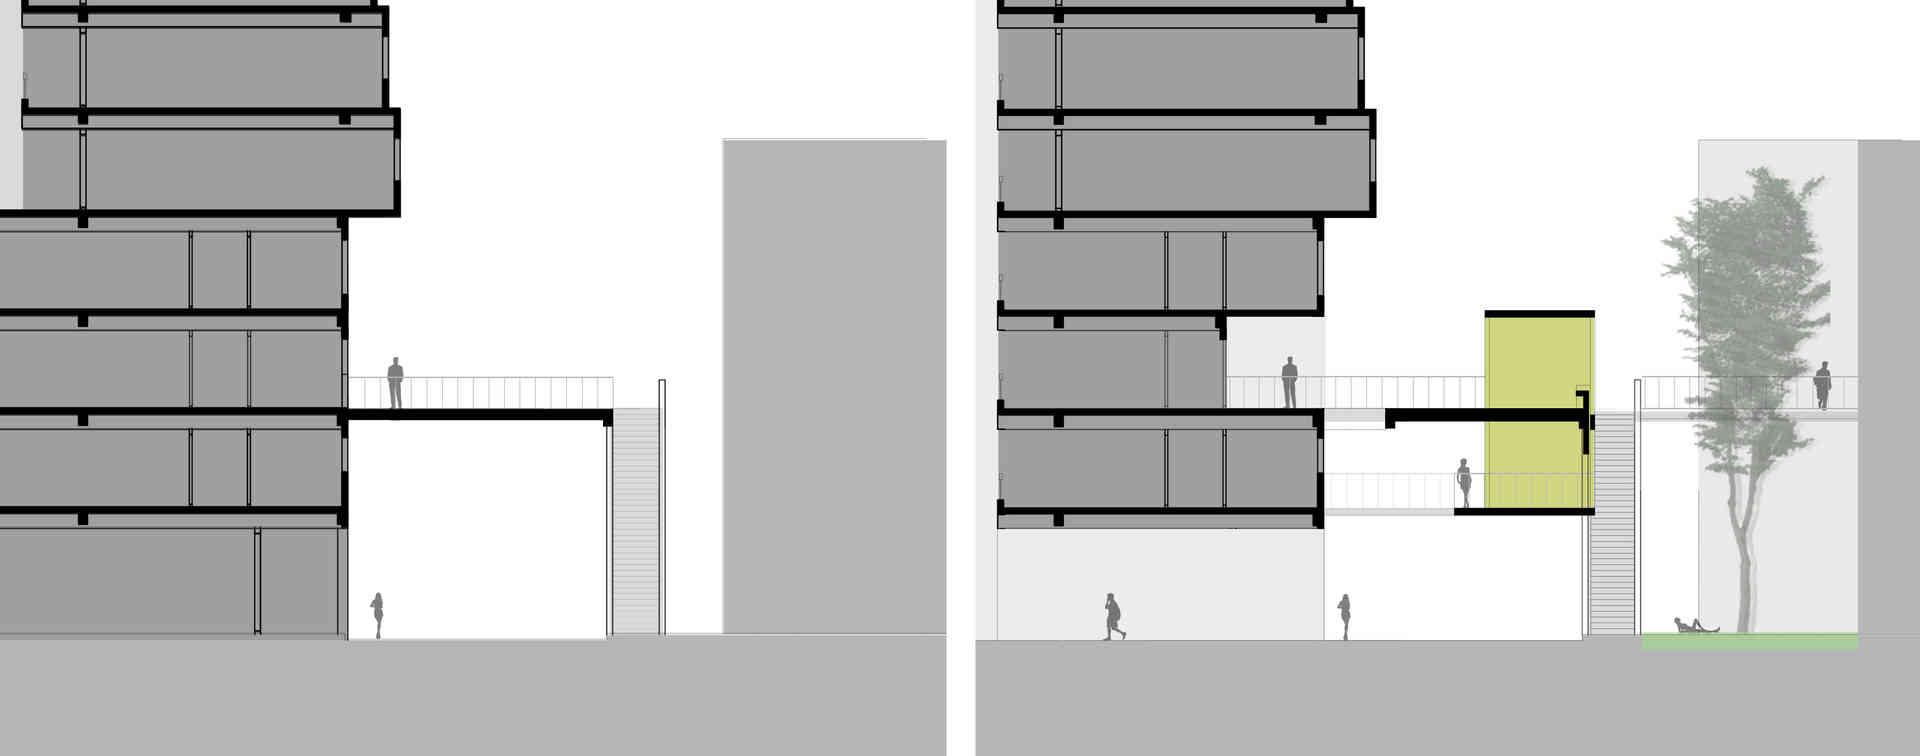 03 section diagram.jpg